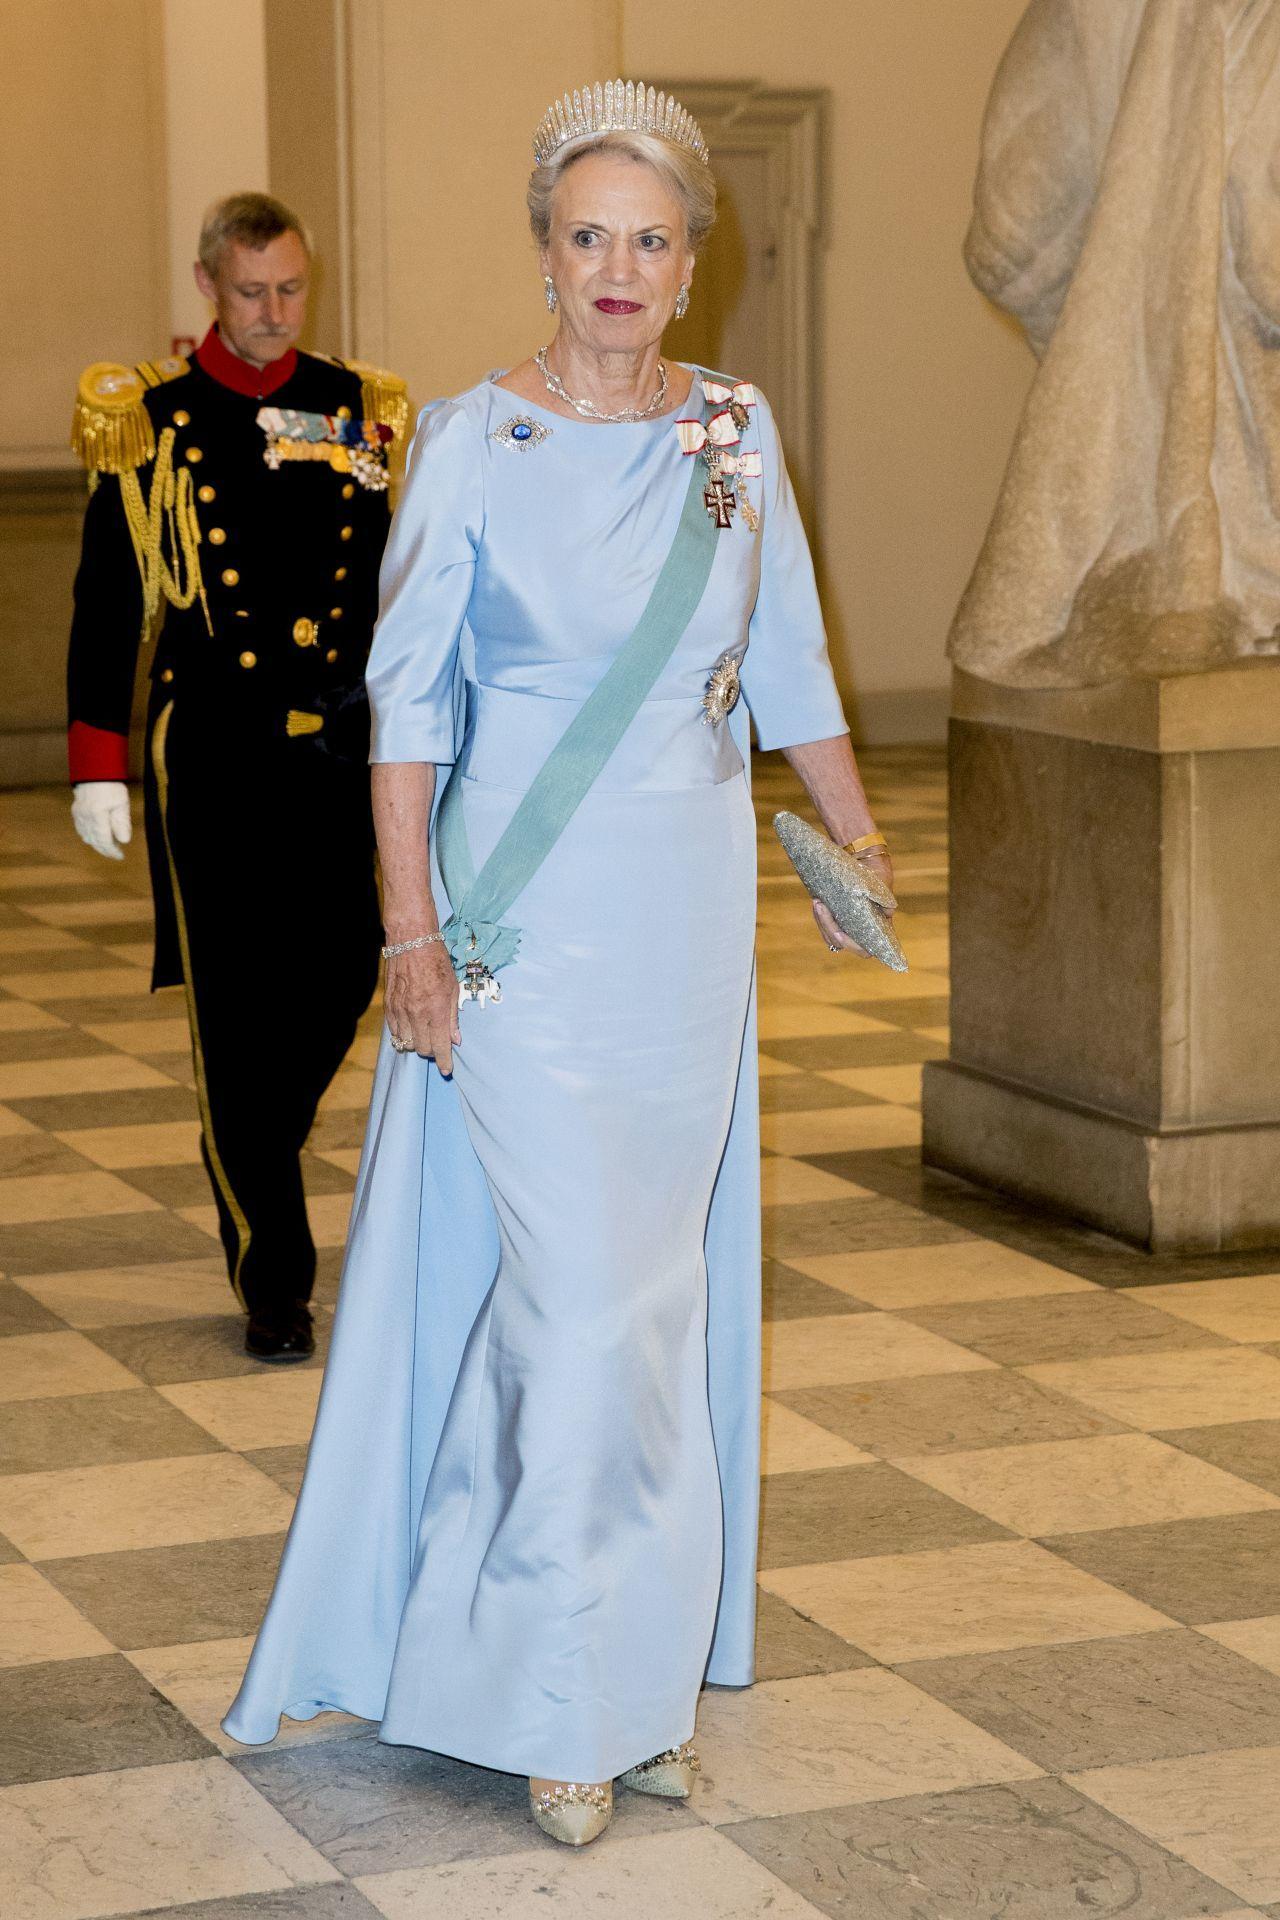 Benedikte dán hercegnő, ruháján a király családi rangjelzéssel.